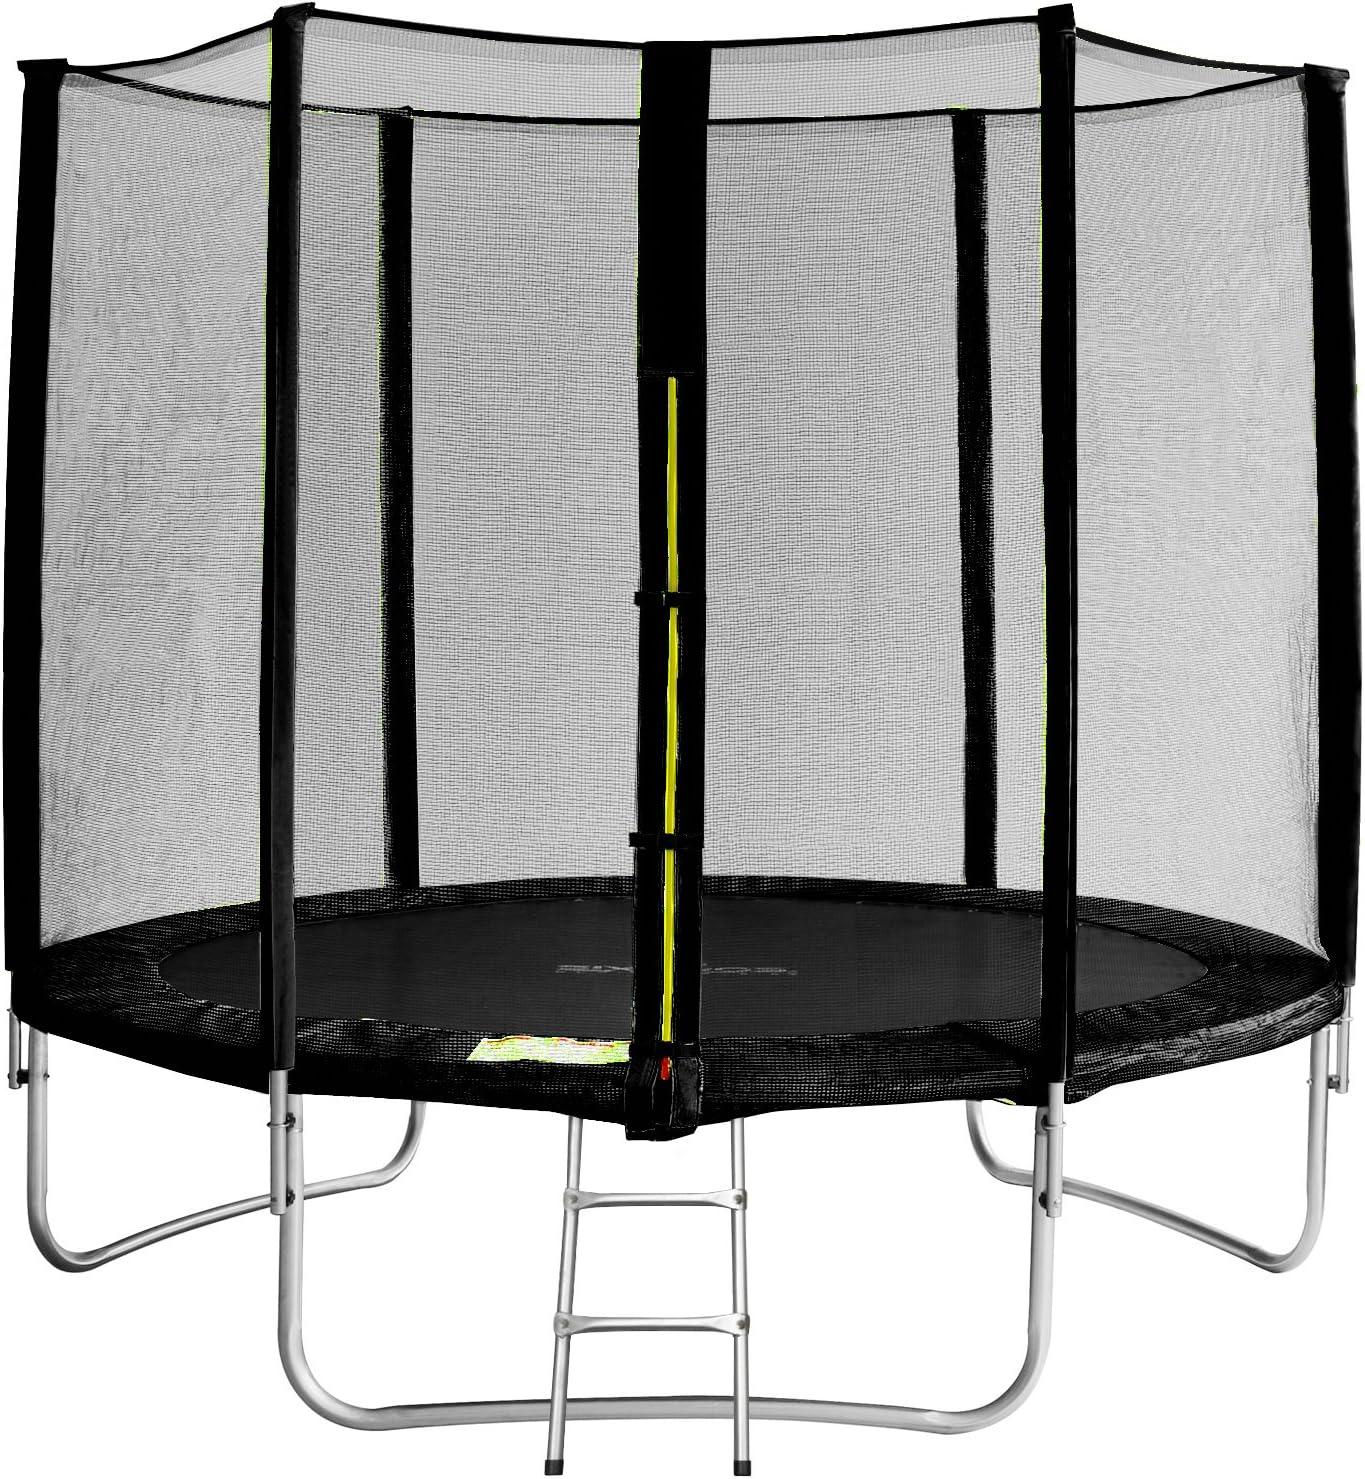 SixBros. SixJump 2,45 M Trampolín Cama elástica de jardín Negro - Escalera - Red de Seguridad - Lluvia Cobertura - TS245/1929